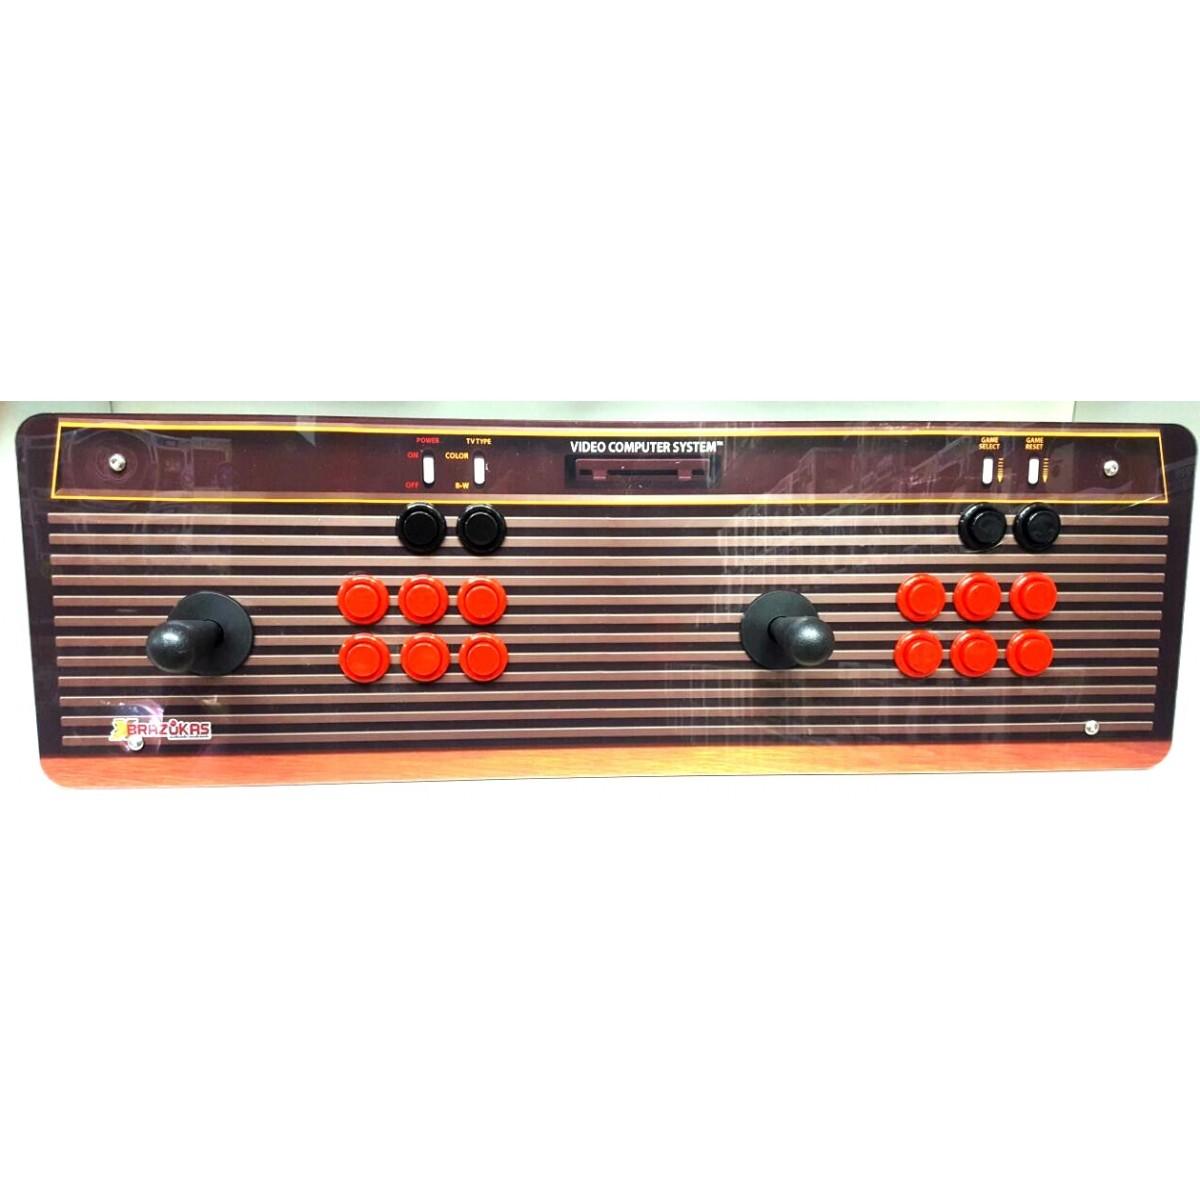 Máquina Fliperama (Controle Duplo Arcade) com desenho do Atari